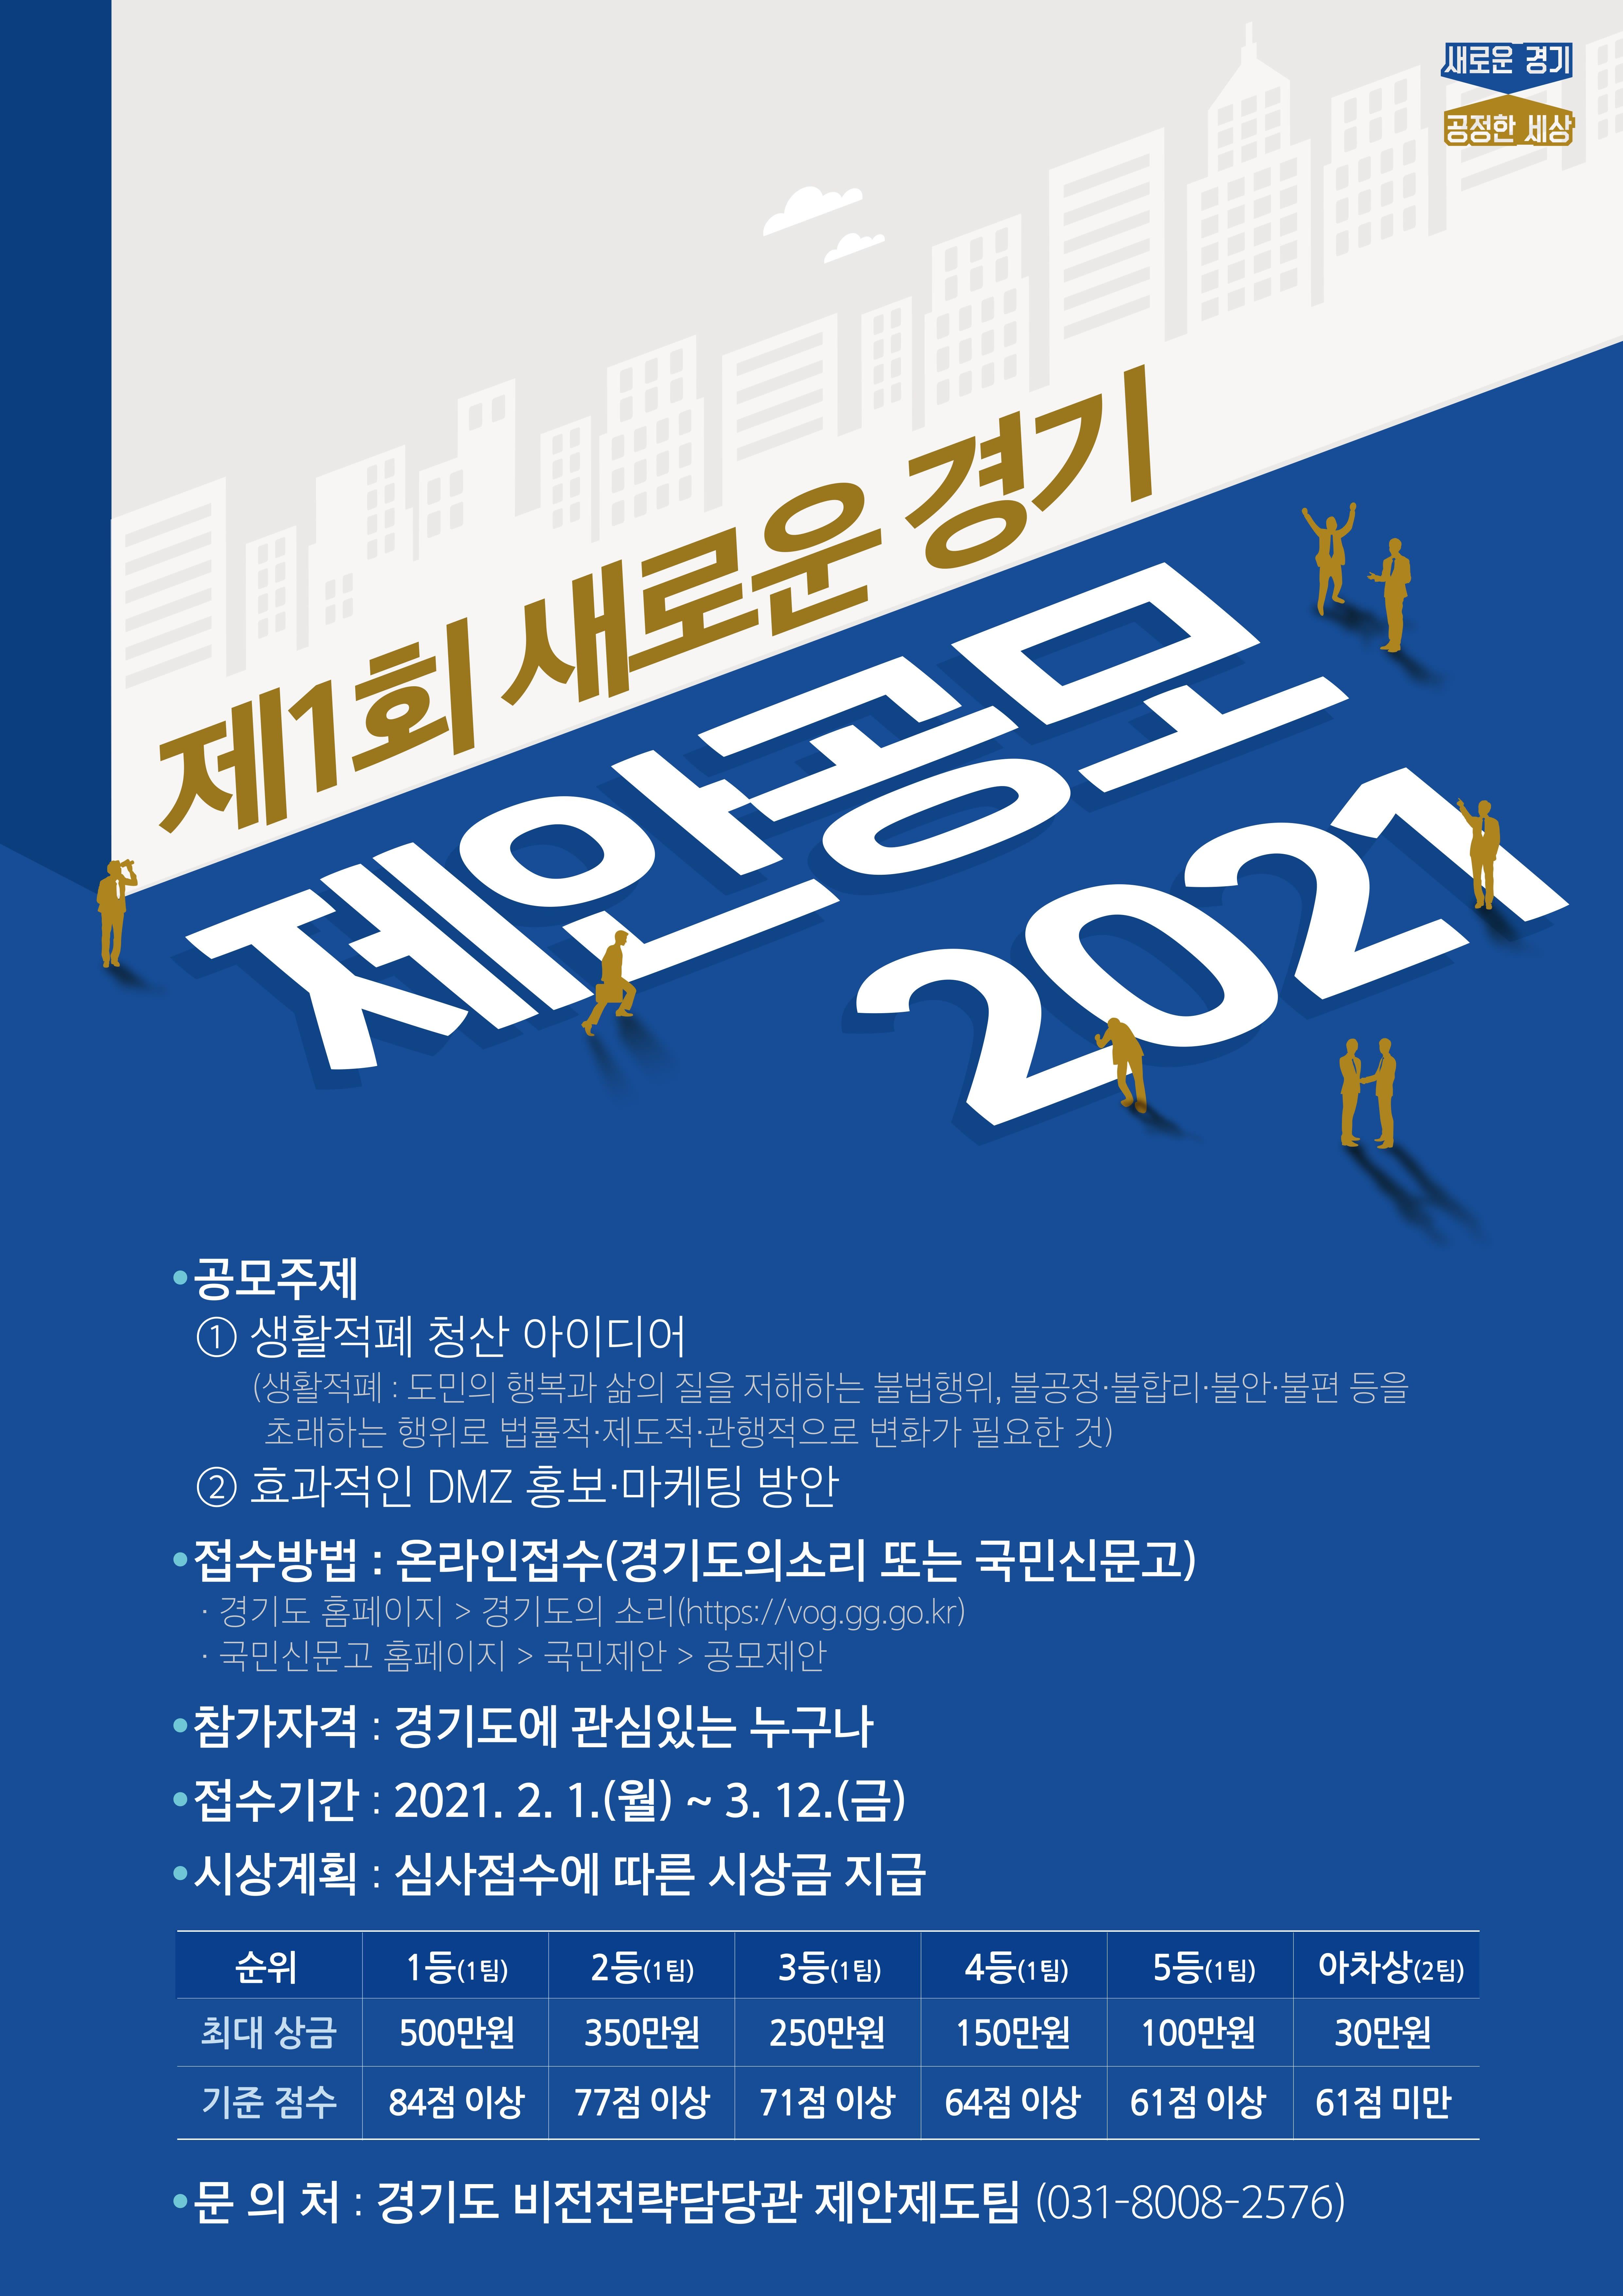 제1회 새로운 경기 제안 공모 2021